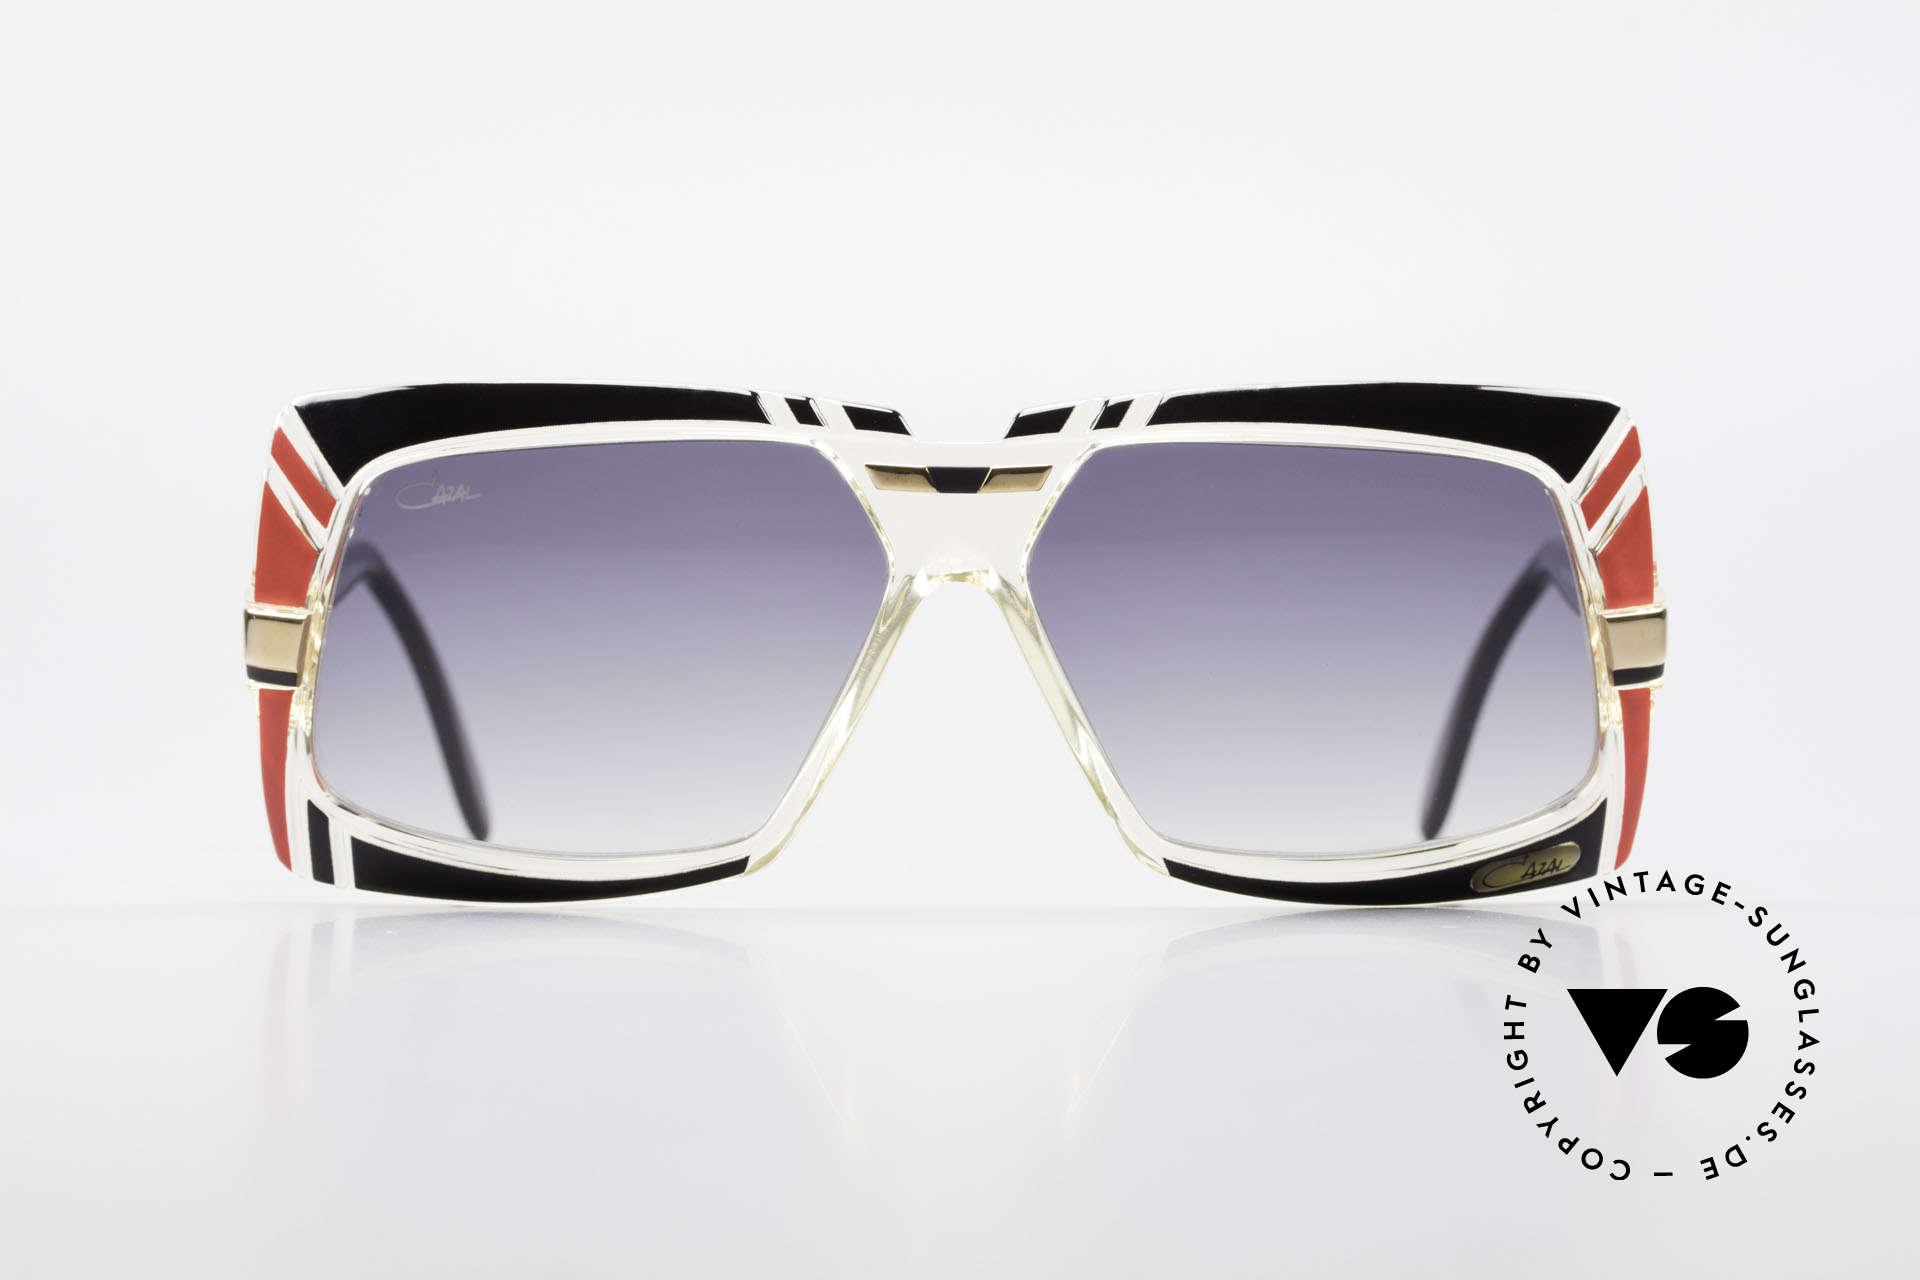 Cazal 869 80er True Vintage Sonnenbrille, geniale Kombination aus Formen, Farben & Materialien, Passend für Herren und Damen